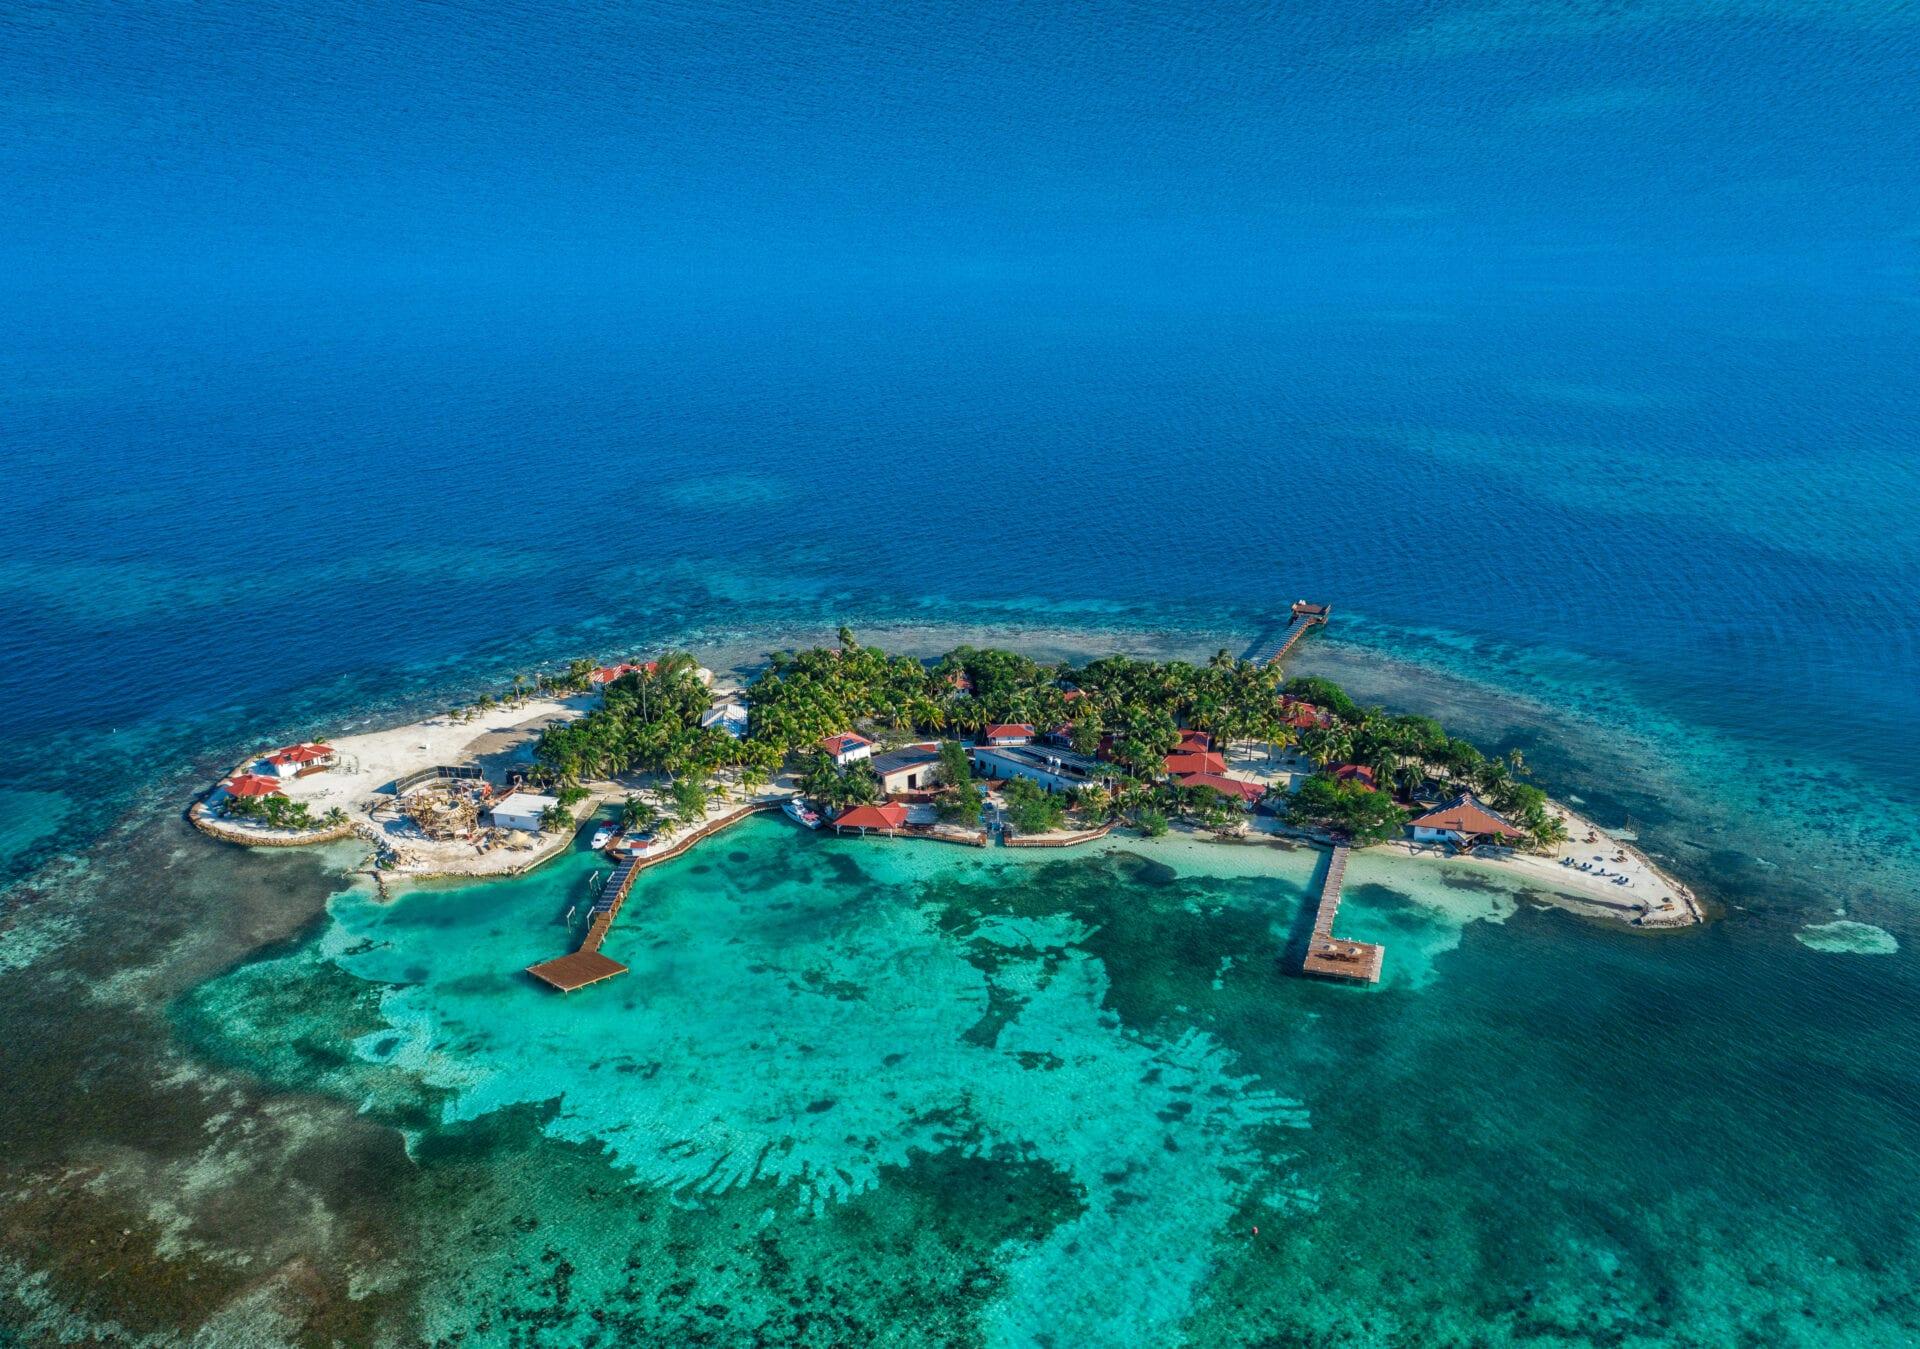 Ray Caye aerial drone Duarte Dellarole island resort belize side view